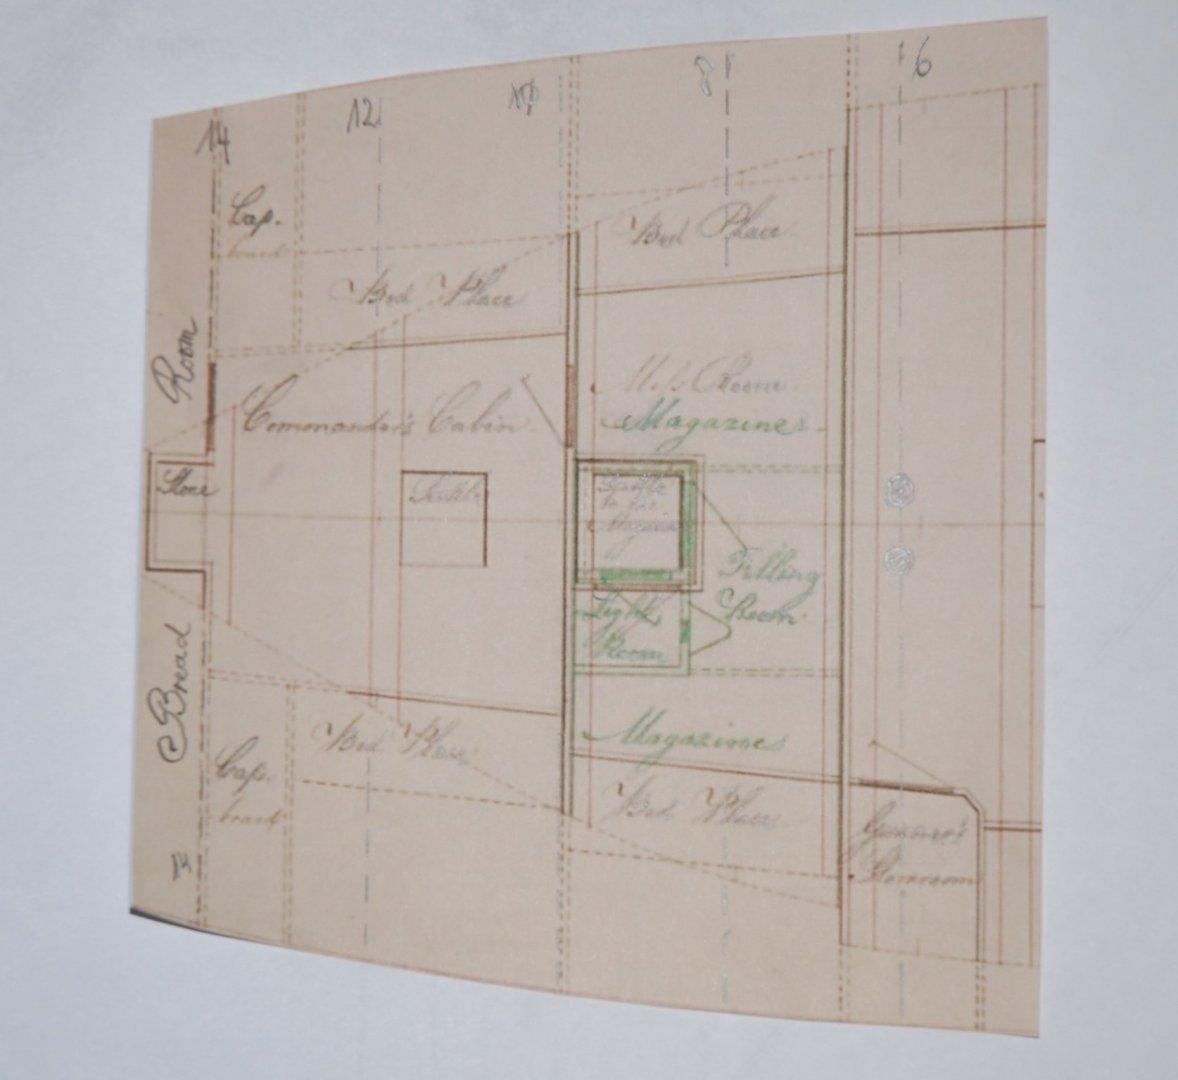 Plan_MMN_interior_01.thumb.JPG.bc8b713a568ecce9615284896fa9c8f6.JPG